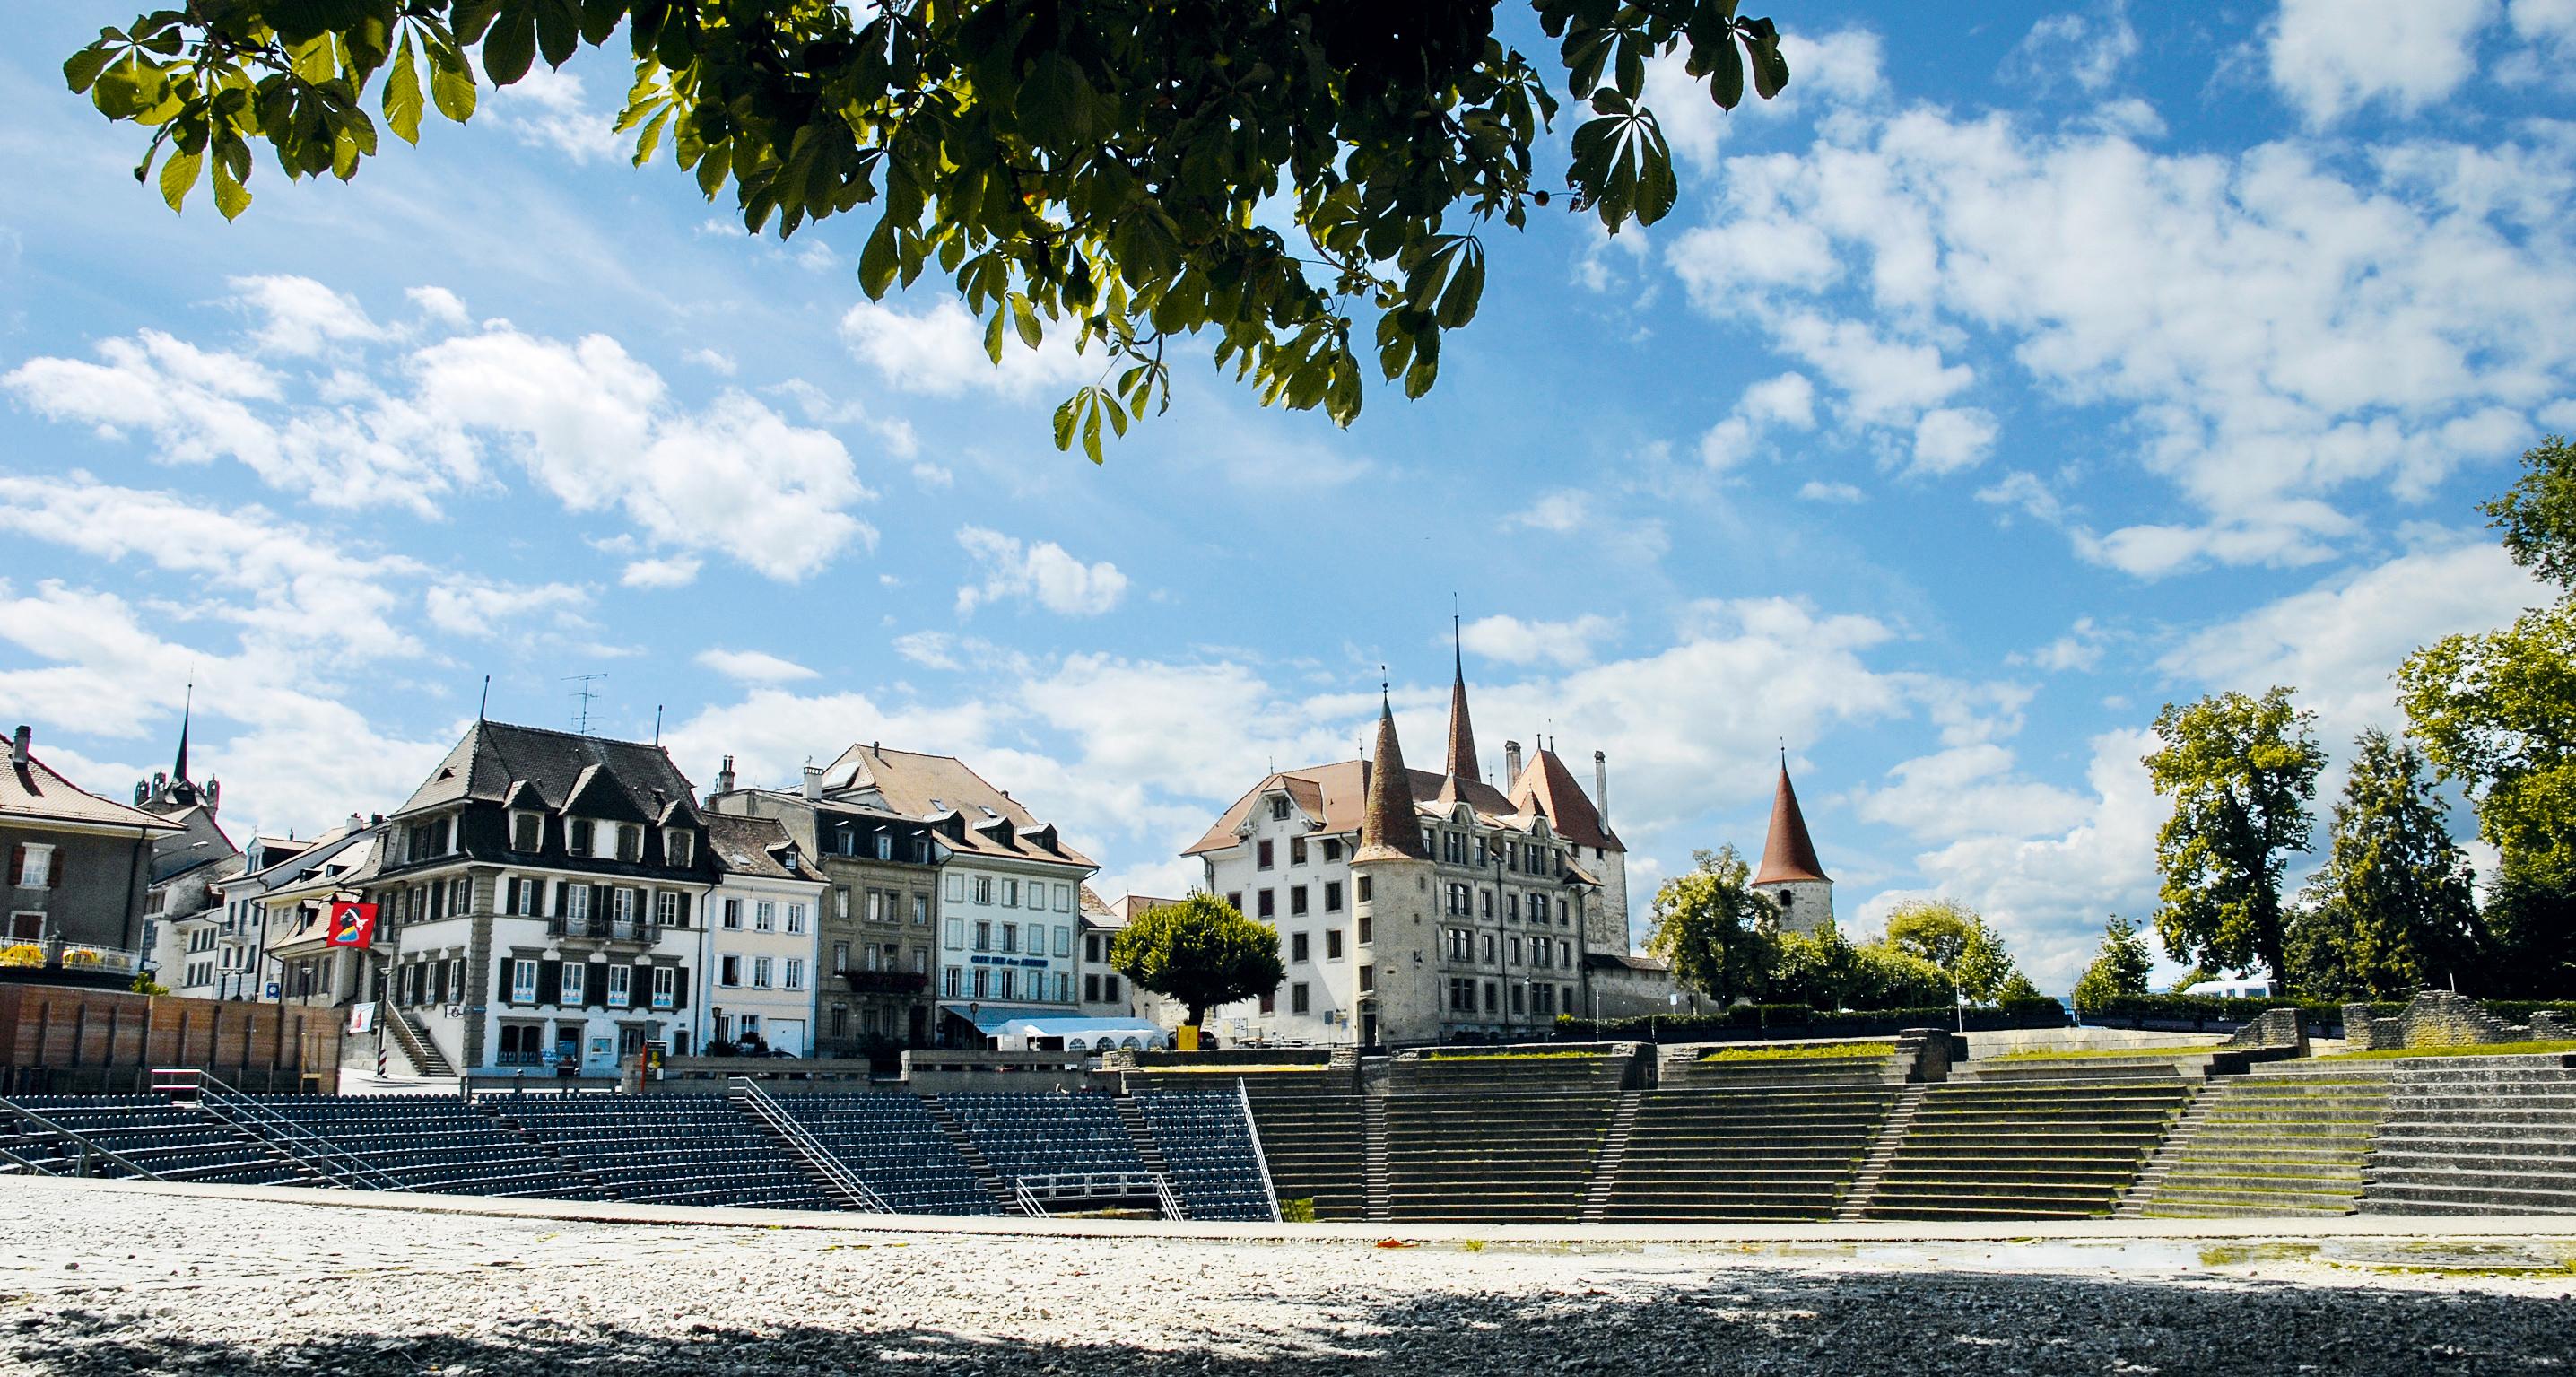 Les plus beaux villages de Suisse romande - Avenches (Vaud)